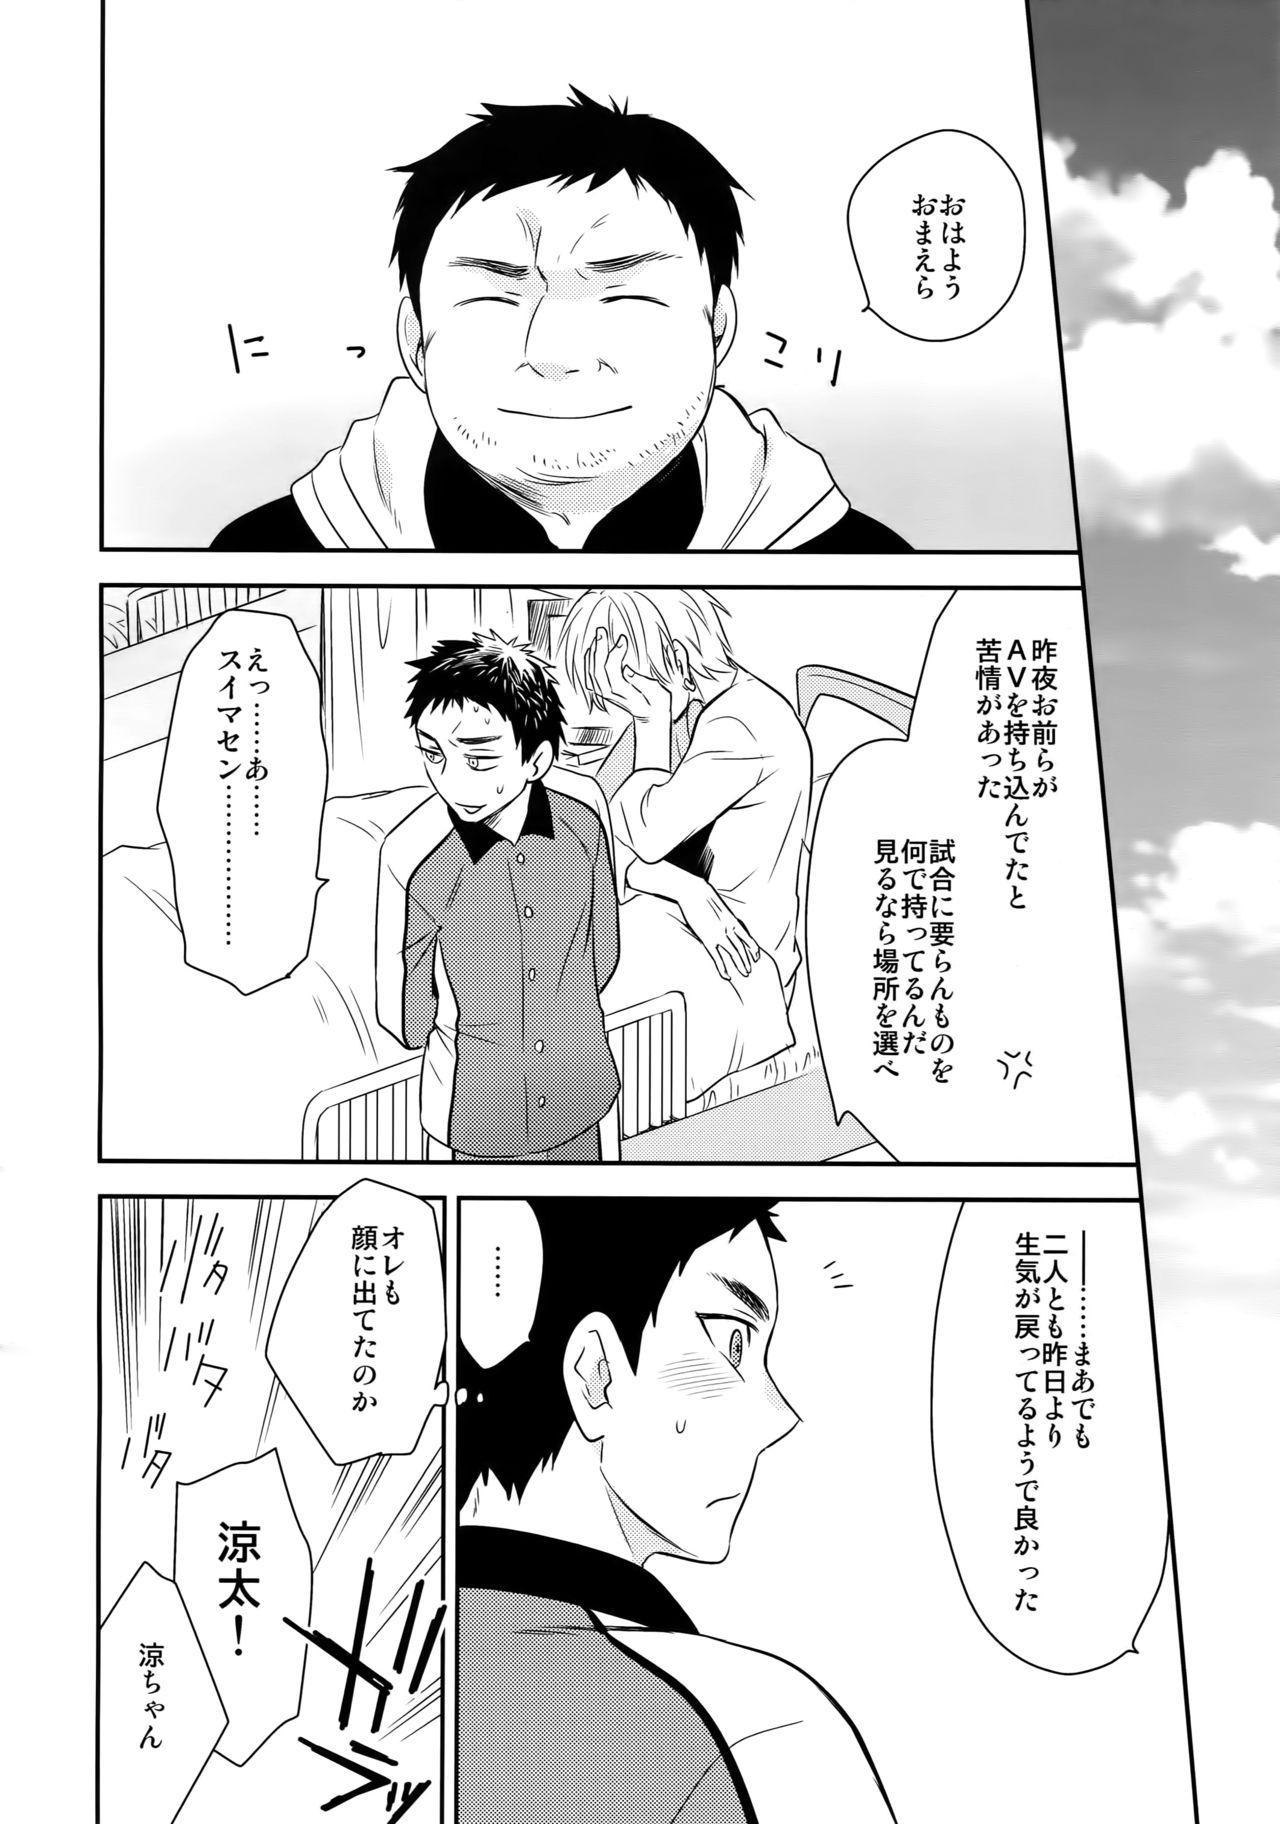 [Bakuchi Jinsei SP (Satsuki Fumi)] Kanpeki Kareshi to Zettai Ryouiki Ouji-sama - Another Version - (Kuroko no Basket) 144